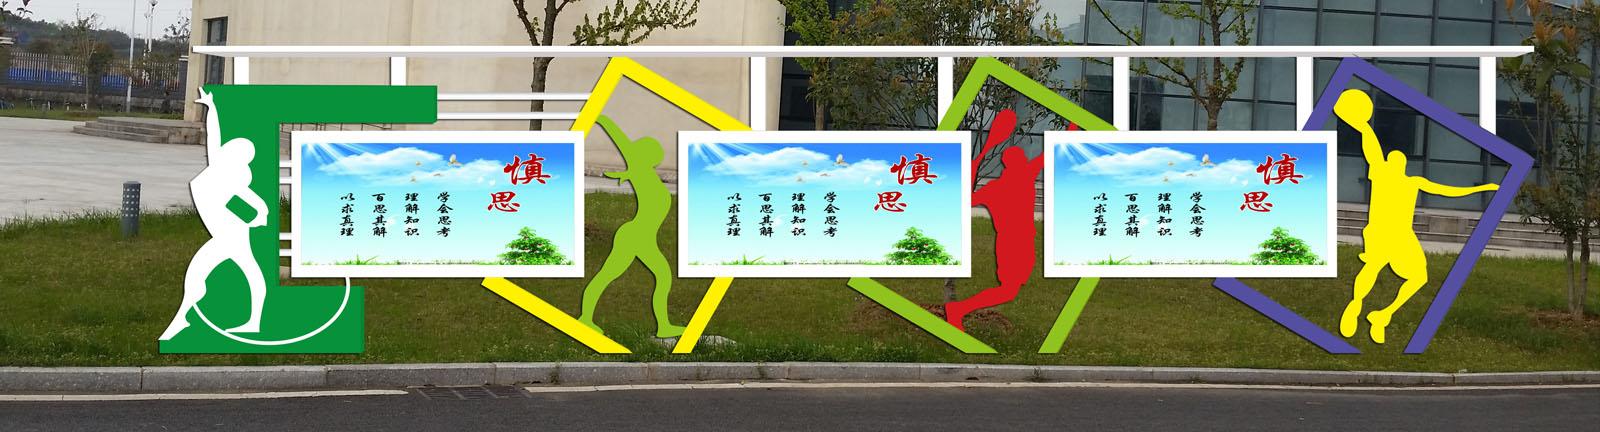 赤峰公交候车亭